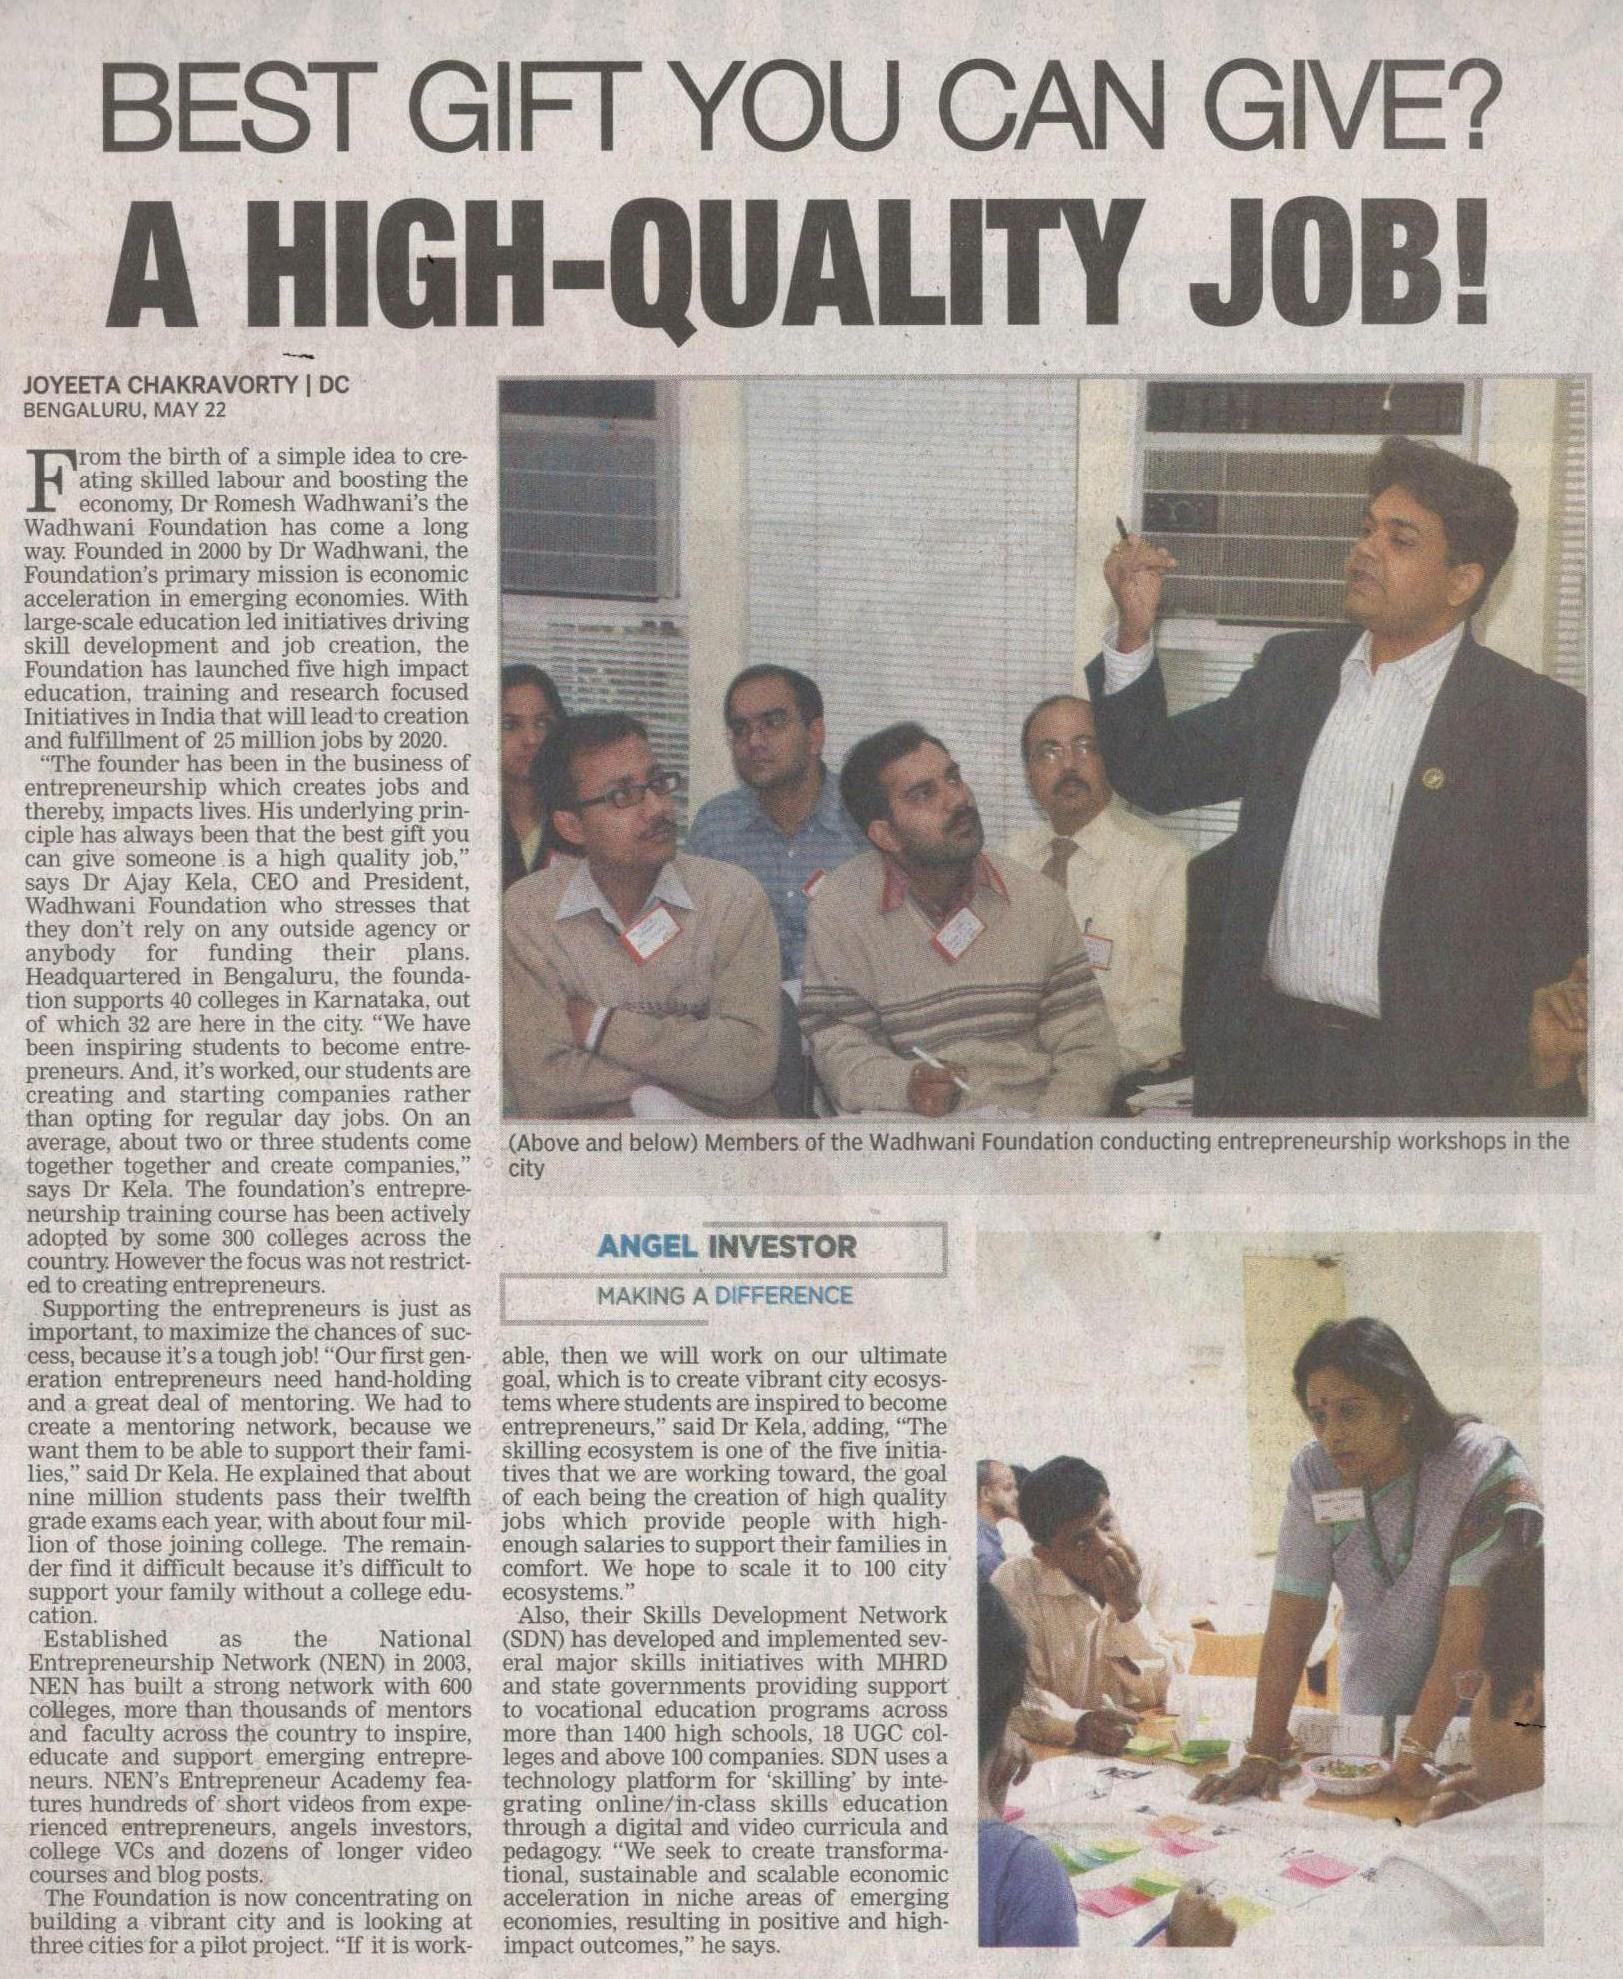 ajay kela - deccan chronicle